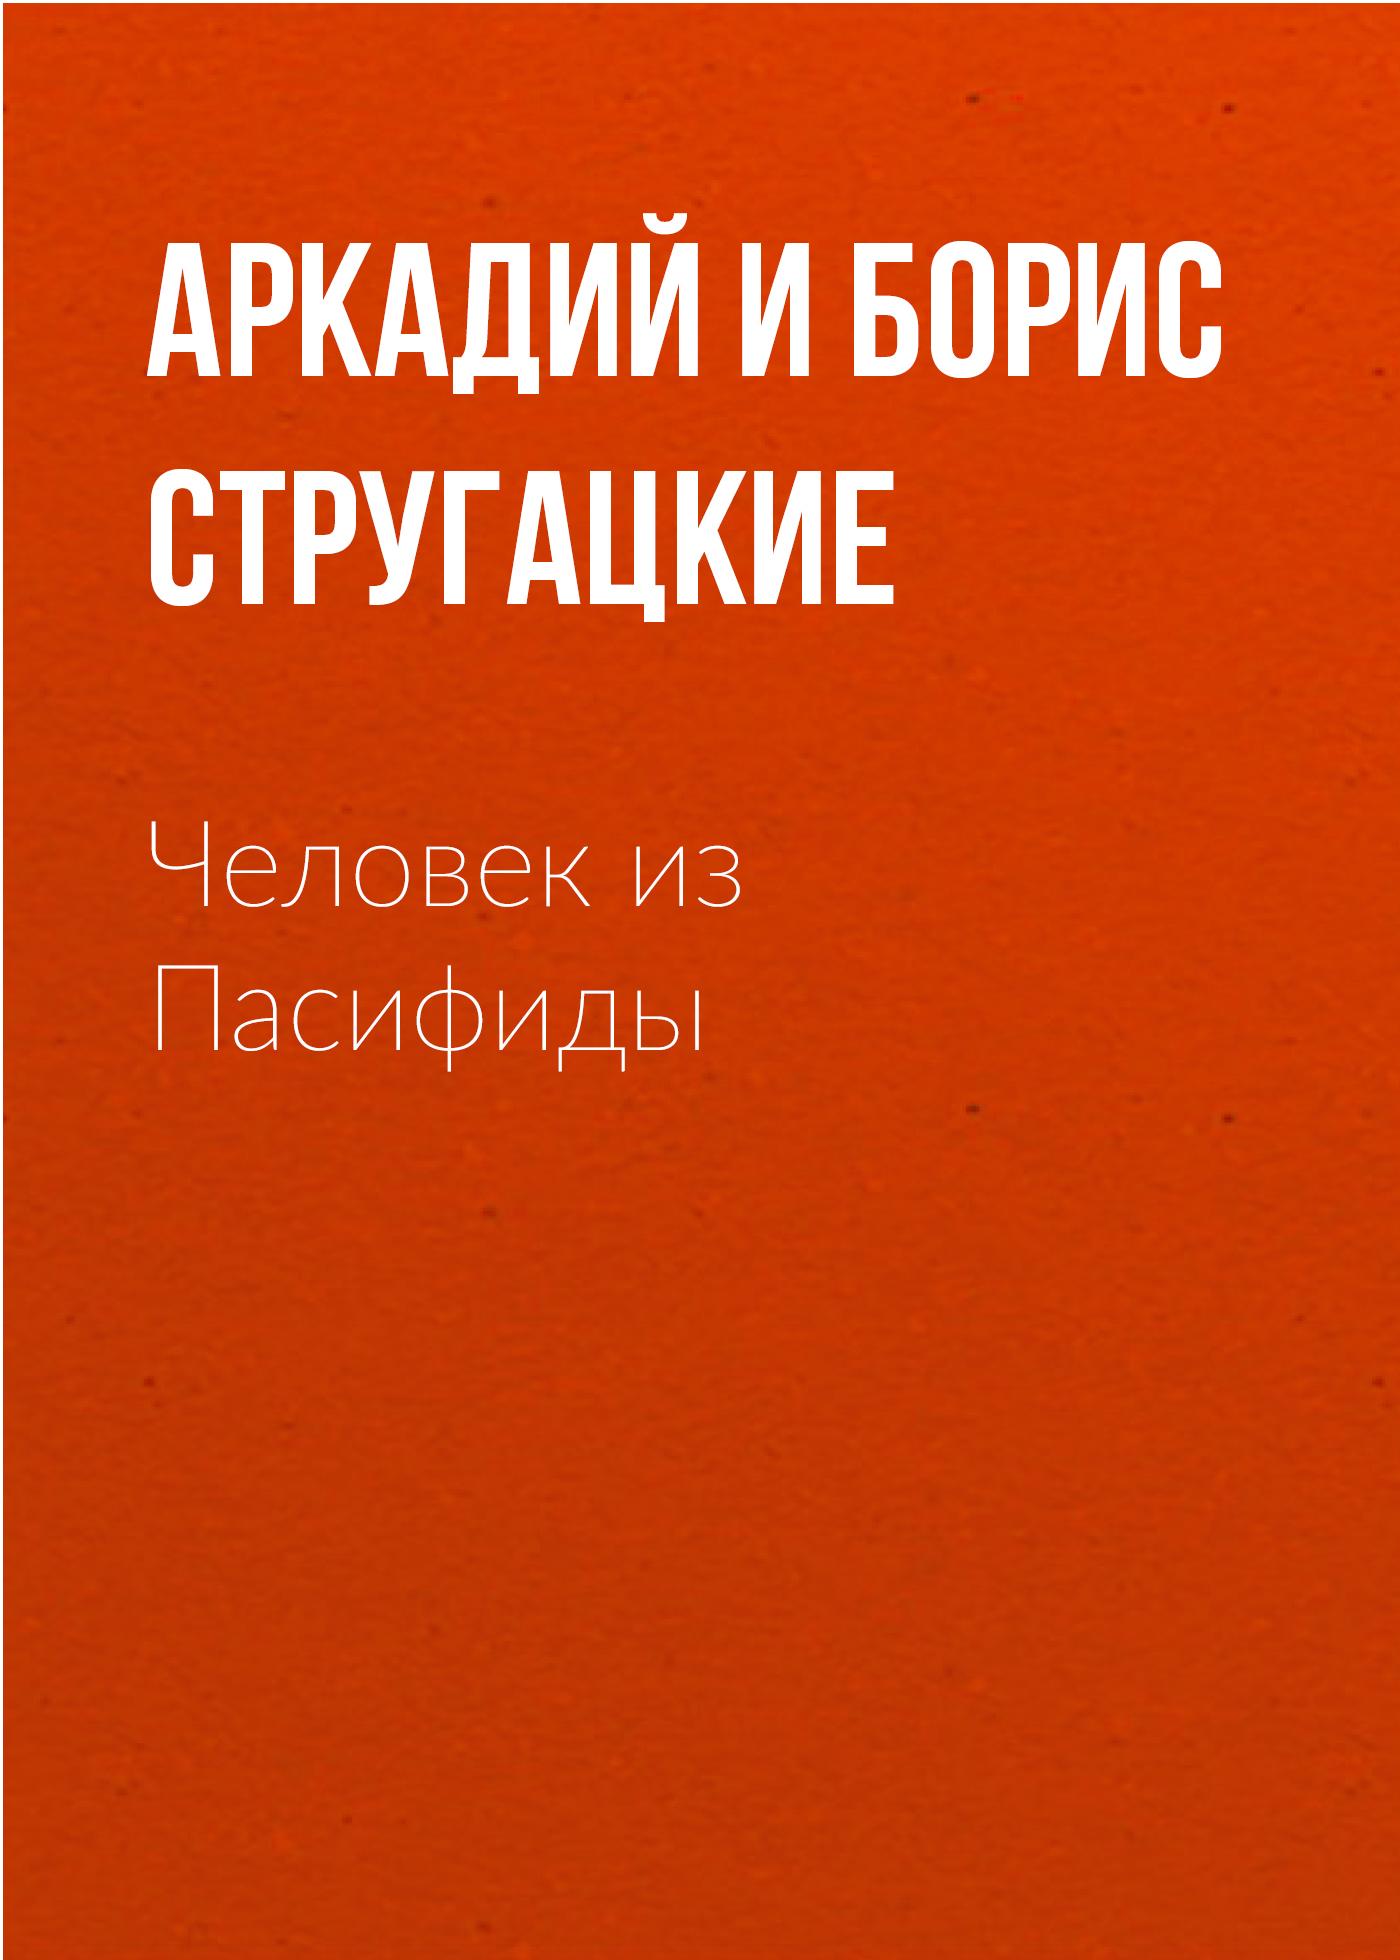 Аркадий и Борис Стругацкие Человек из Пасифиды